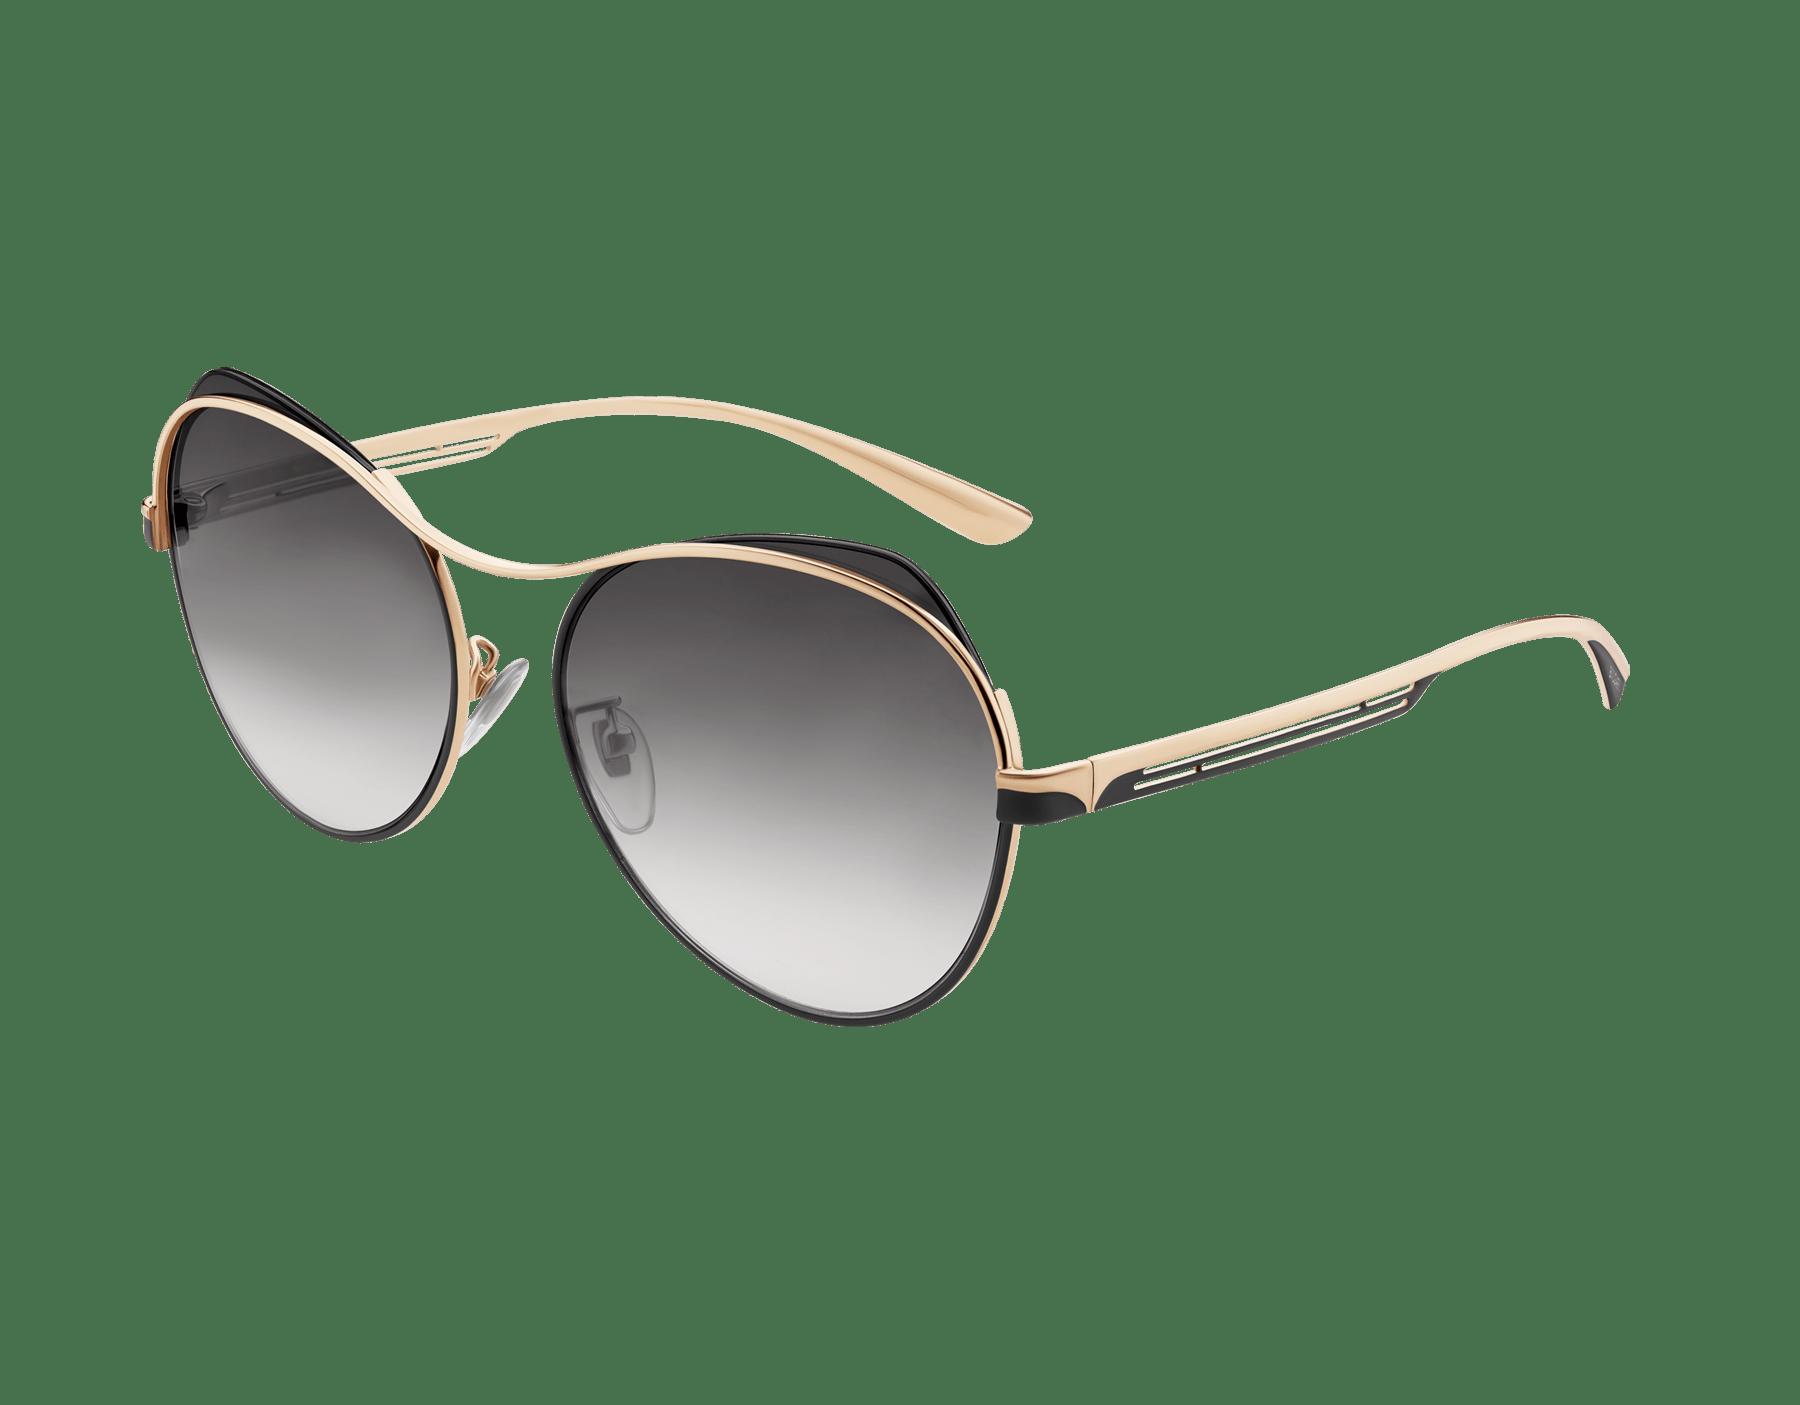 Bulgari B.zero1 B.super occhiali da sole pilot in metallo dalla forma arrotondata. 903723 image 1